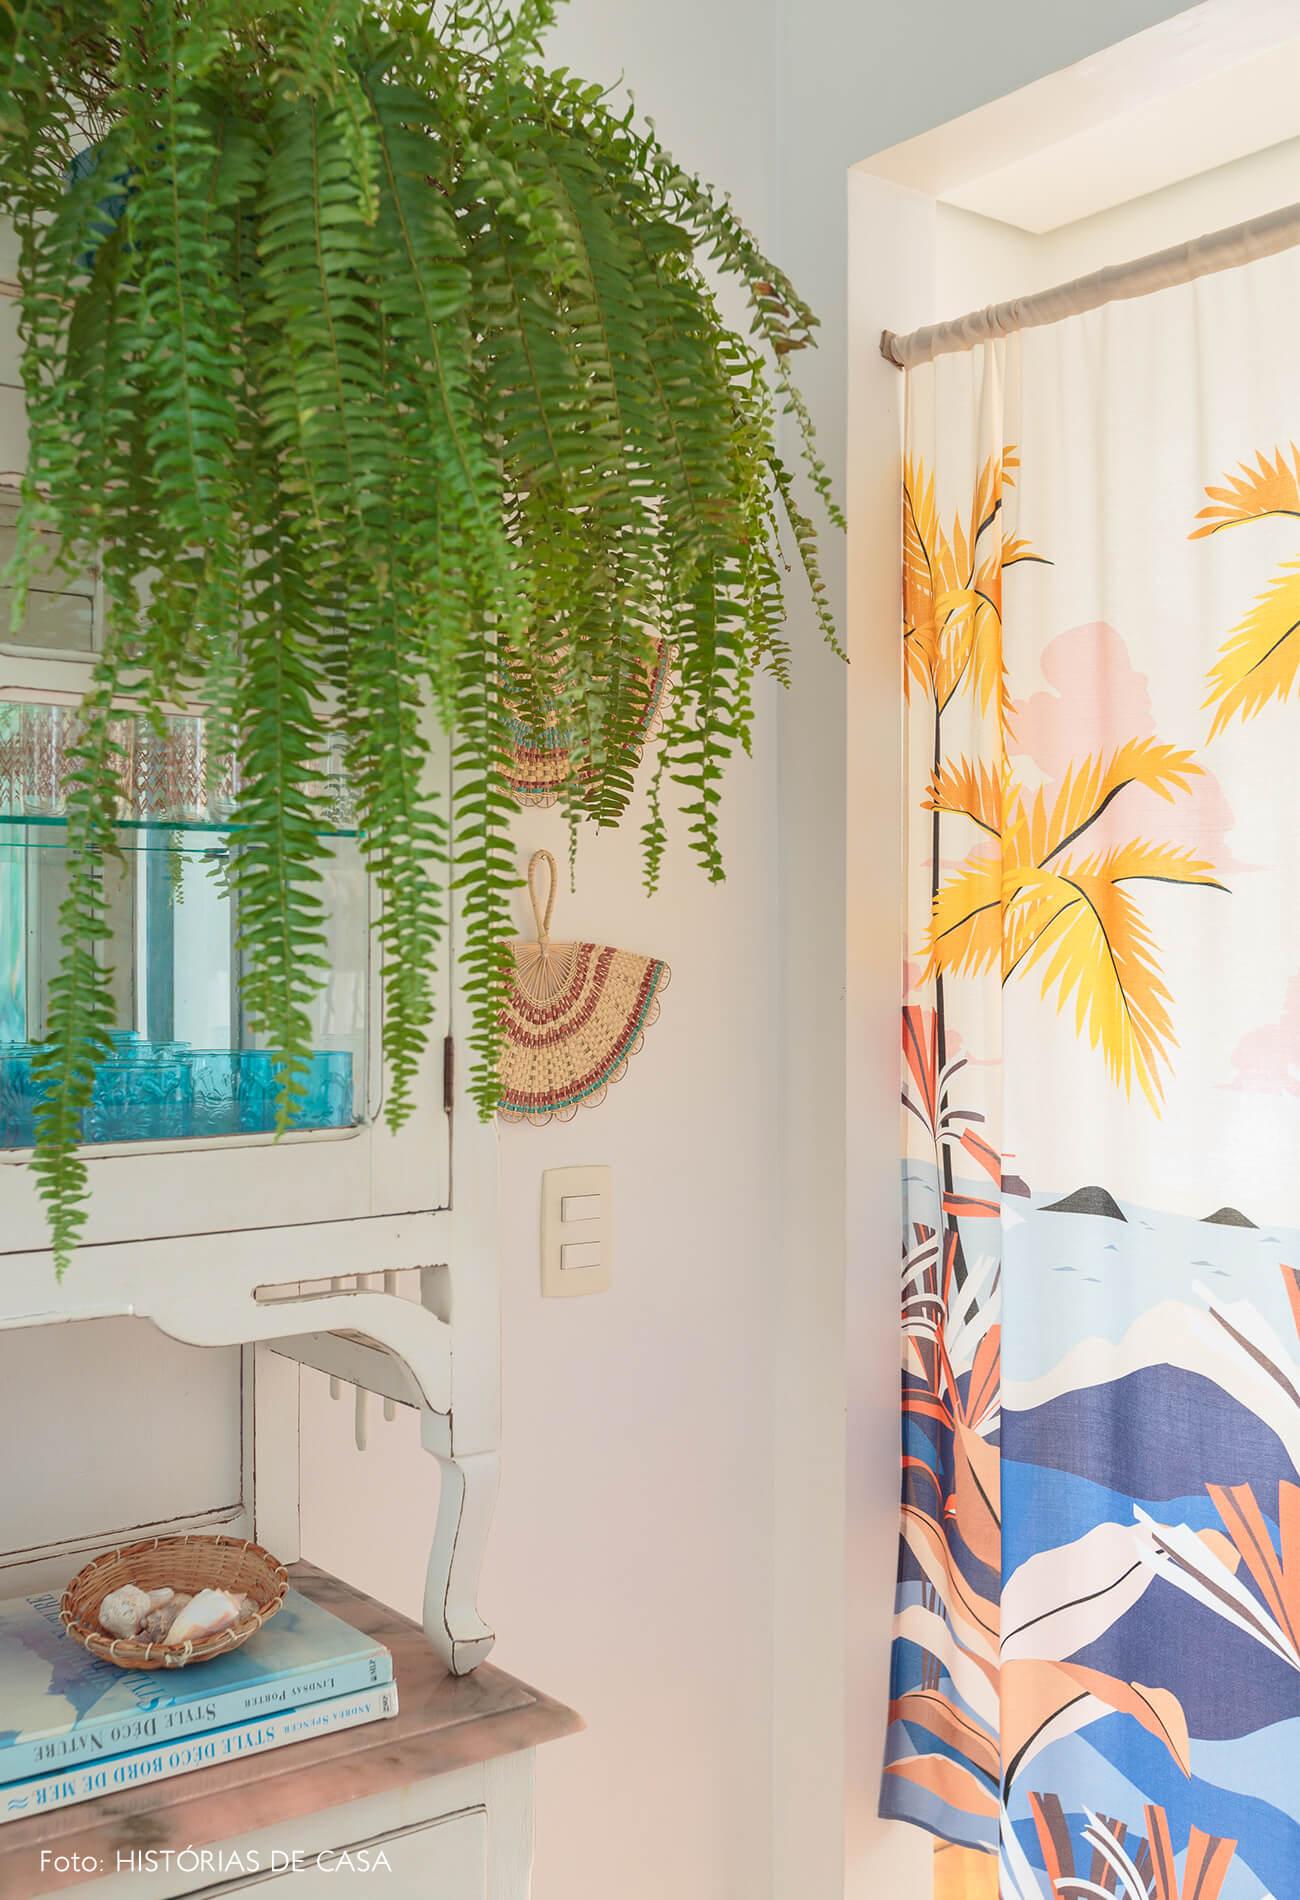 decoração praiana sala jantar com plantas e leques